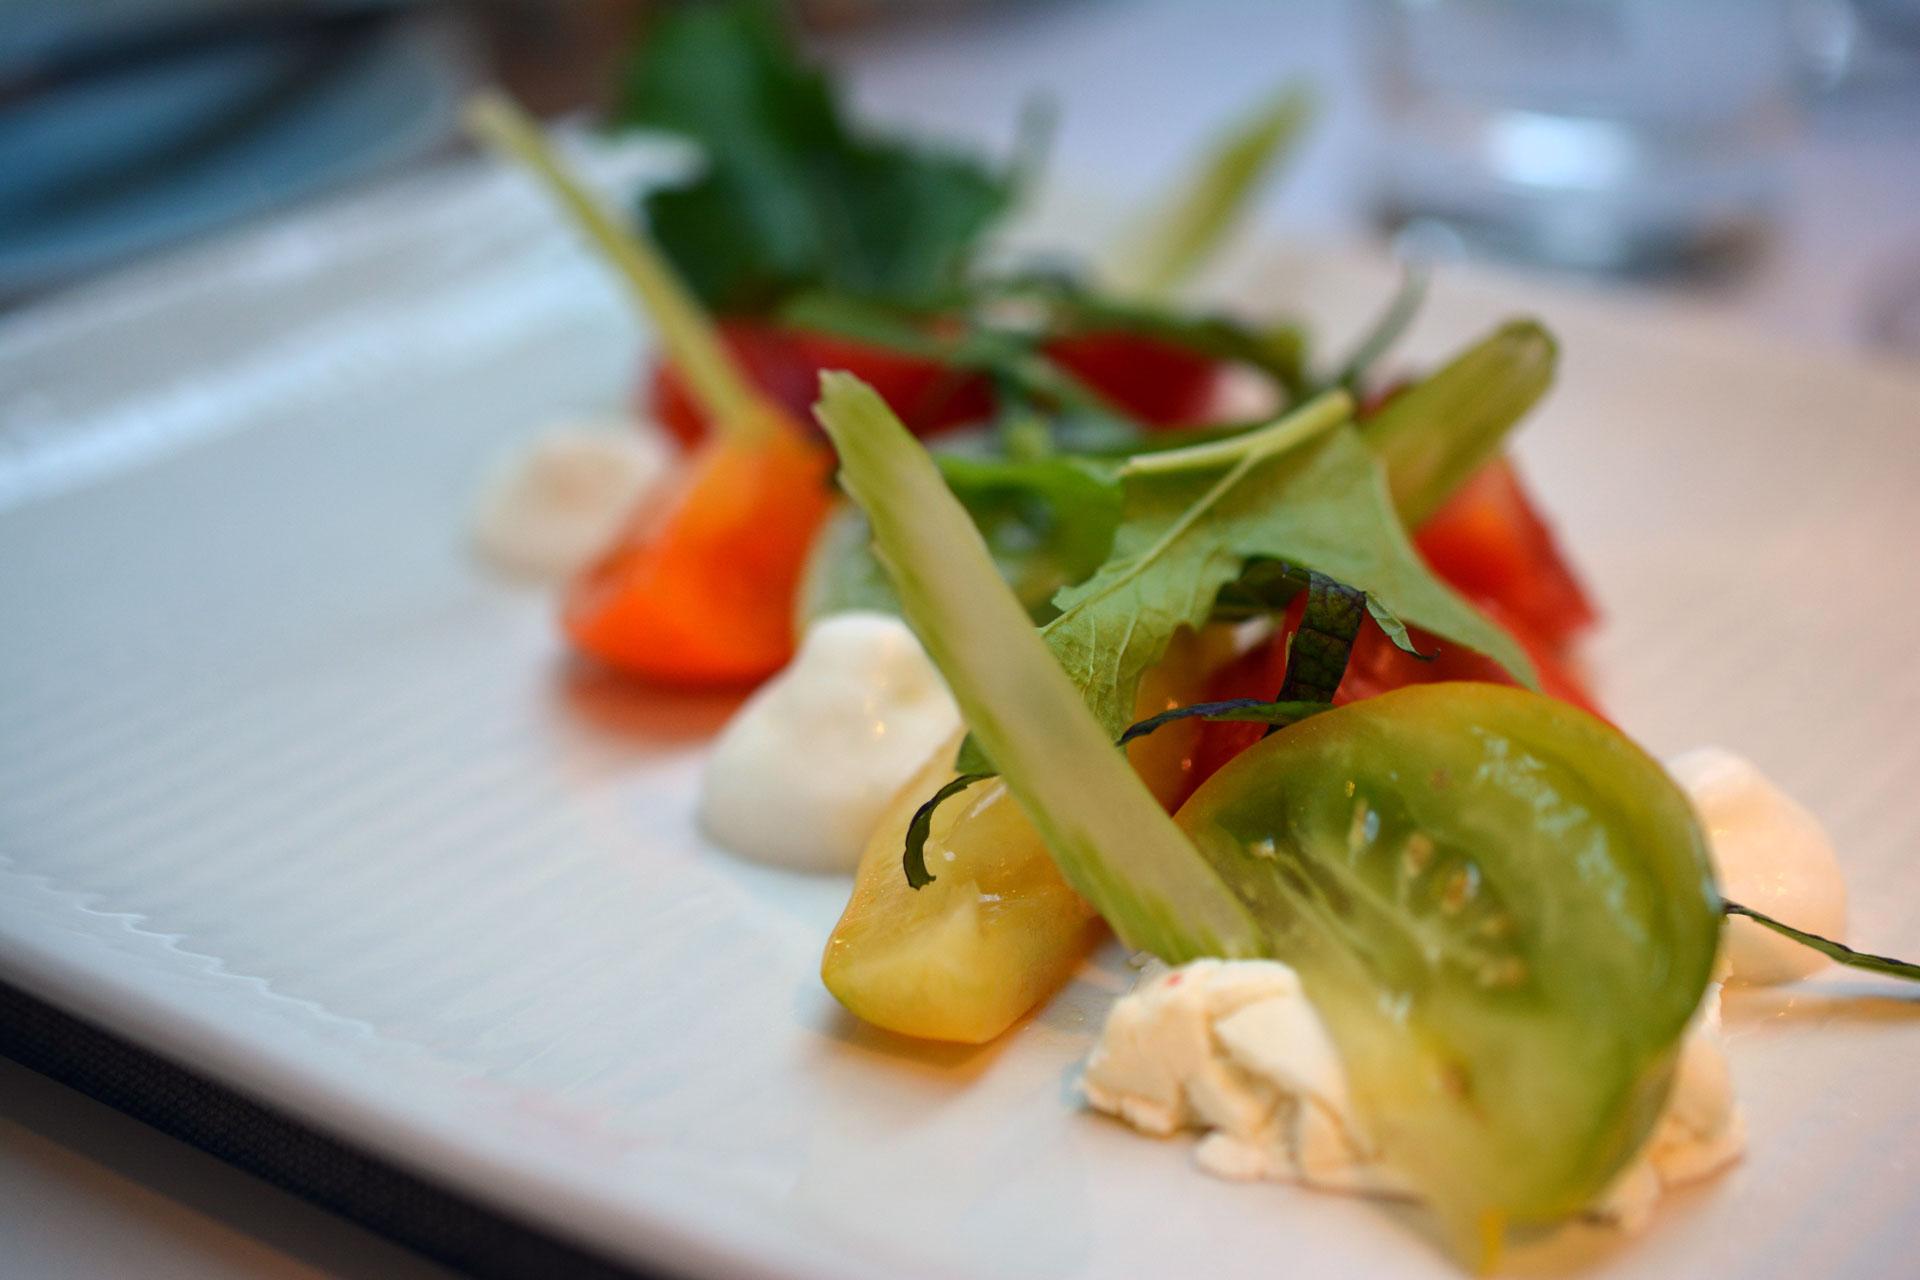 Paradeisvielfalt, roh mariniert und aufgeschlagen, geräucherter Ziegenkäse, Stangensellerie als Salat